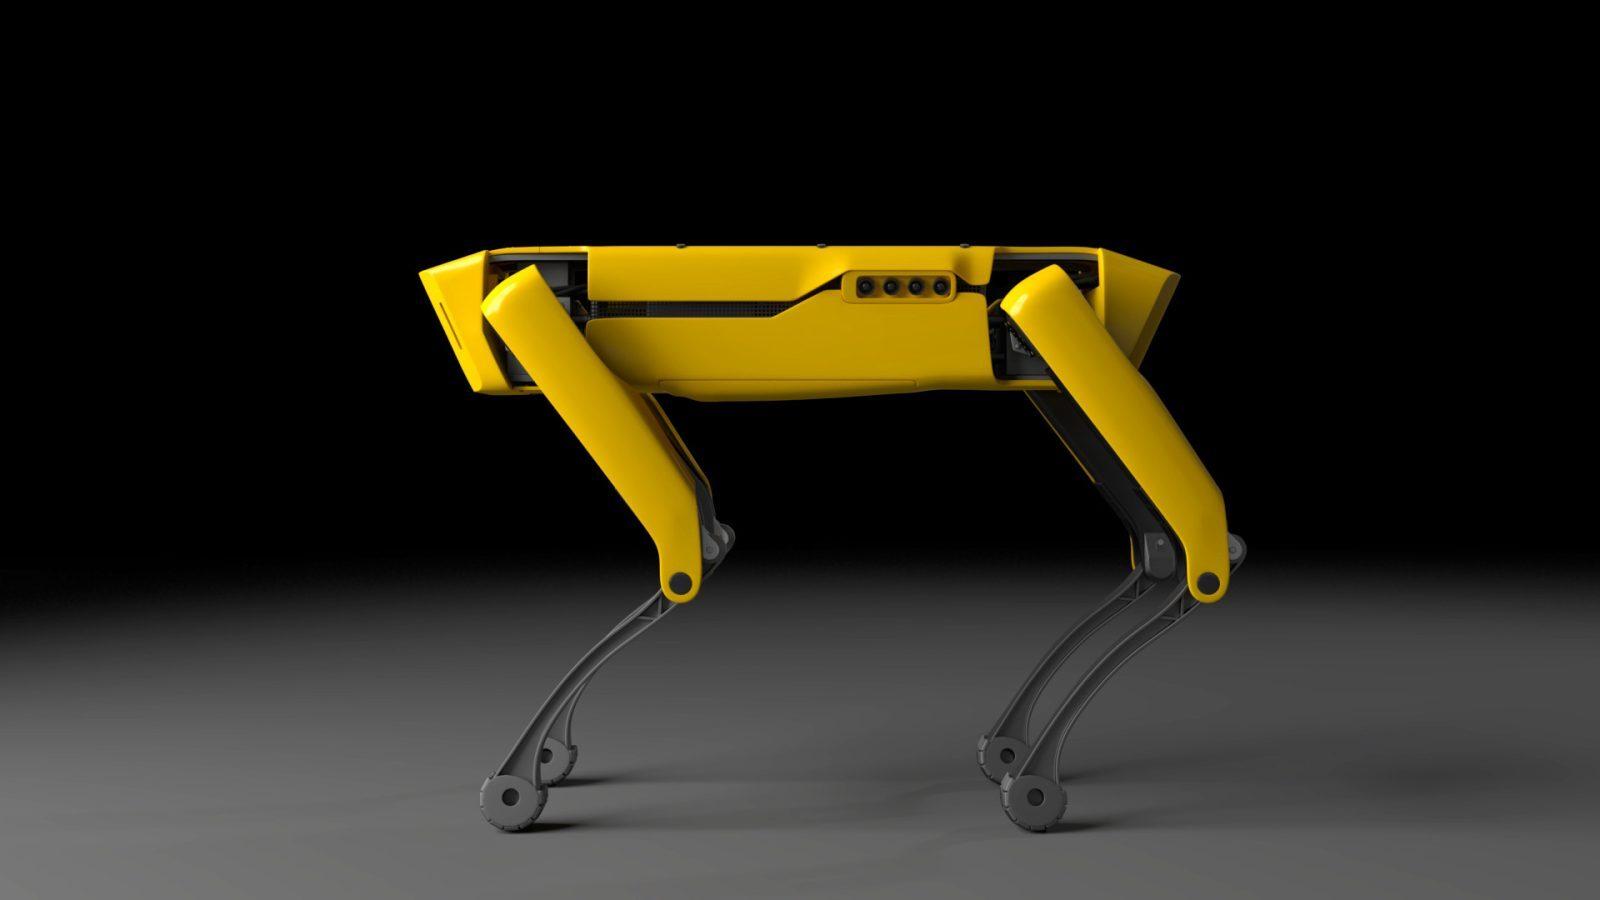 قابلیت رباتهای هوشمند مریخنورد